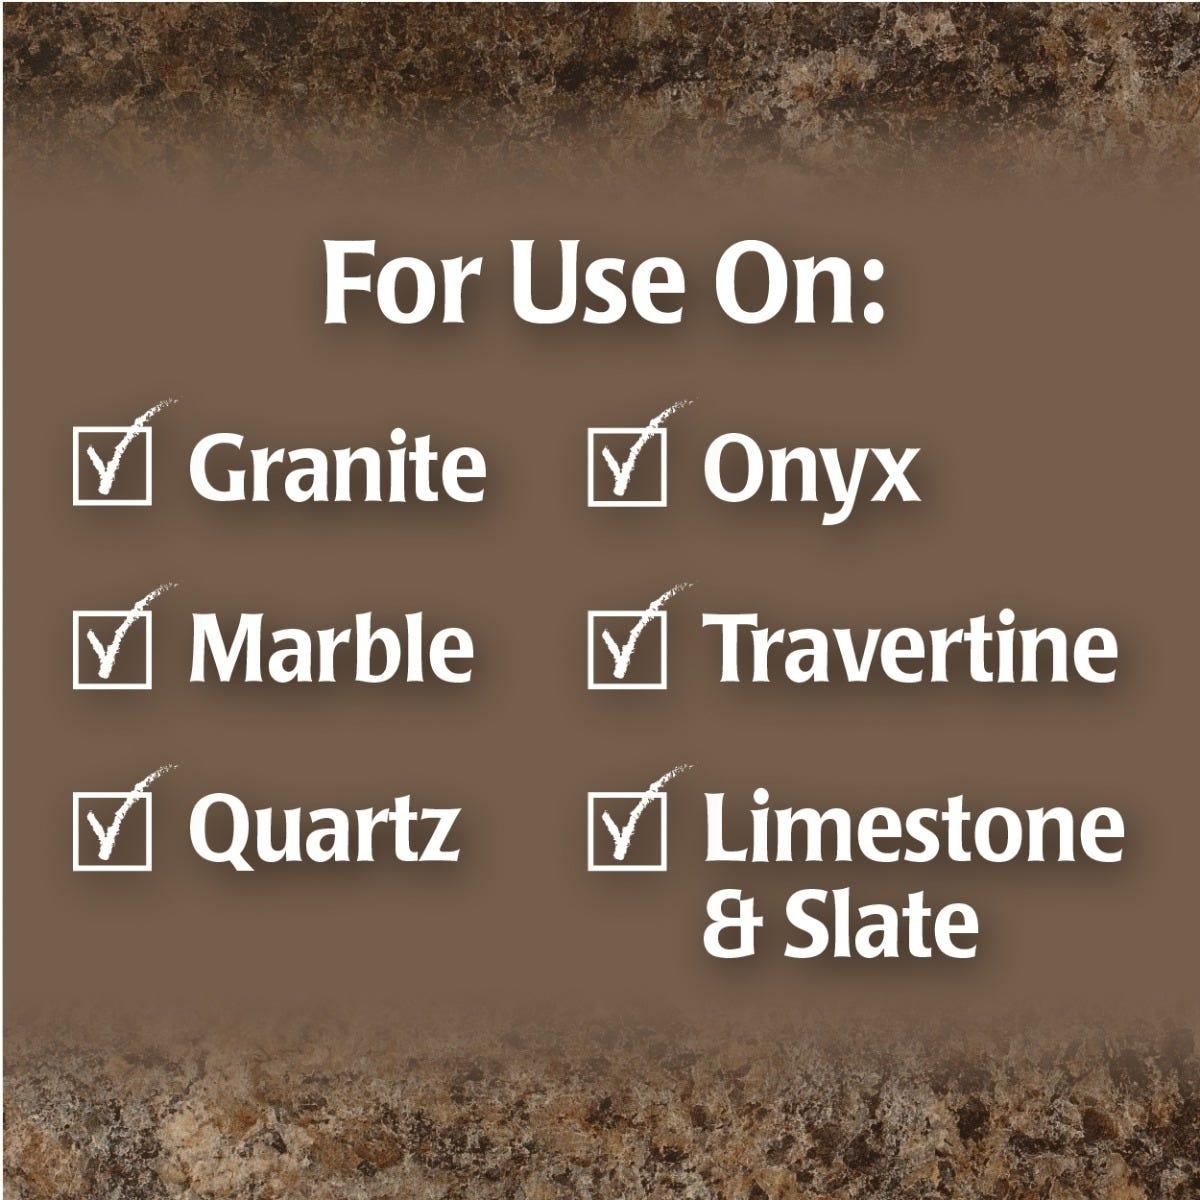 https://googone.com/media/catalog/product/w/e/weiman_granite_cleaner_spray_01.jpg